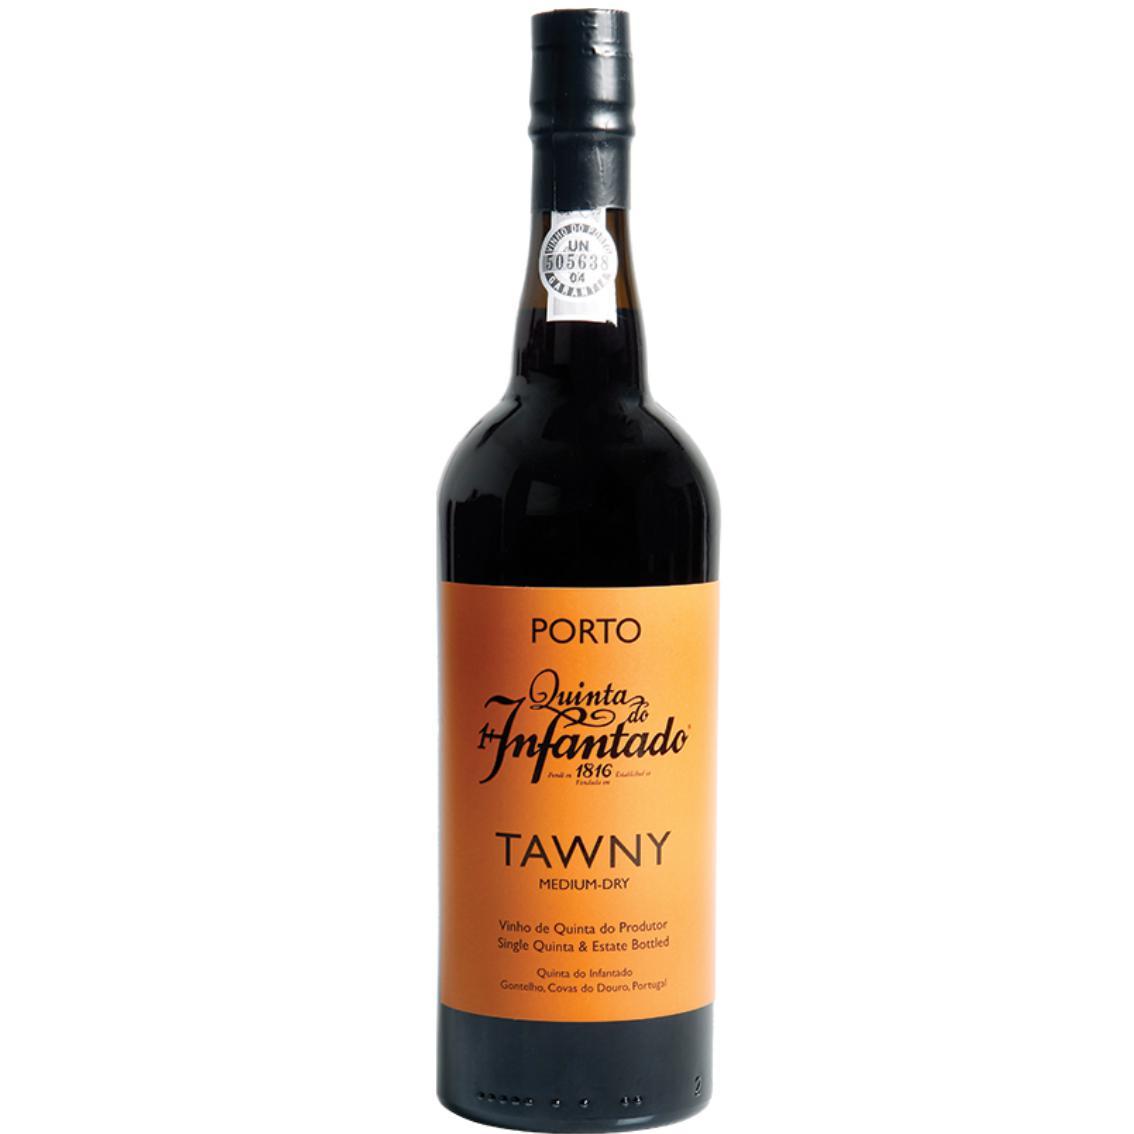 Tawny Port - Quinta do Infantado